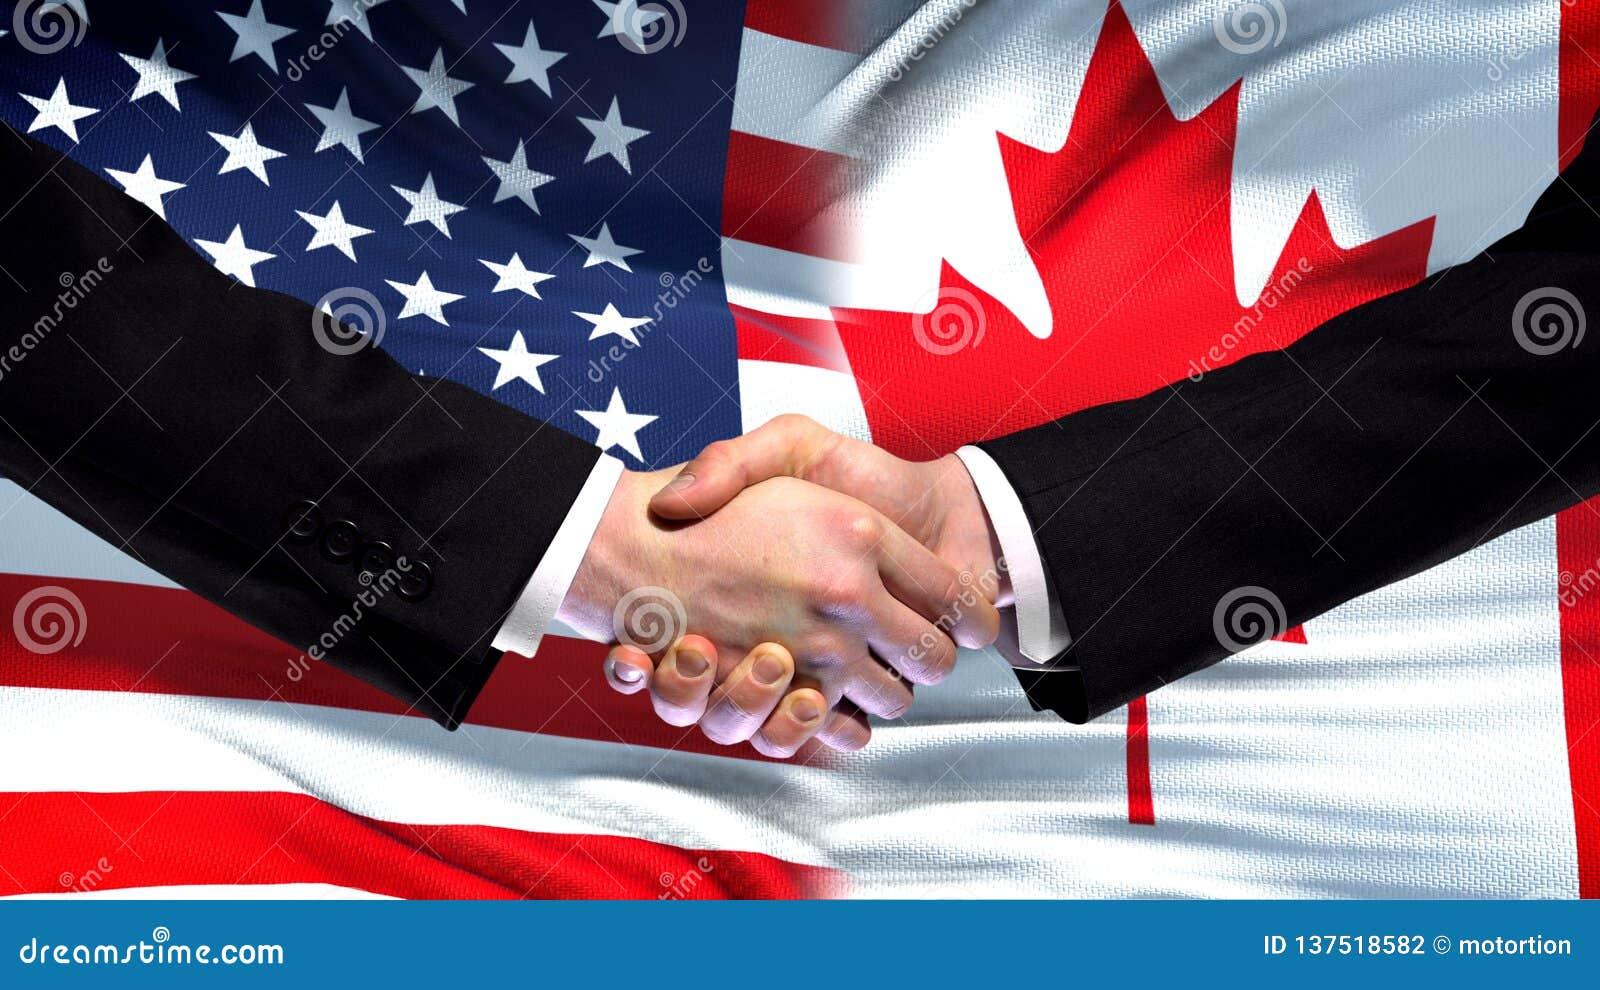 Apretón de manos de Estados Unidos y de Canadá, amistad internacional, fondo de la bandera